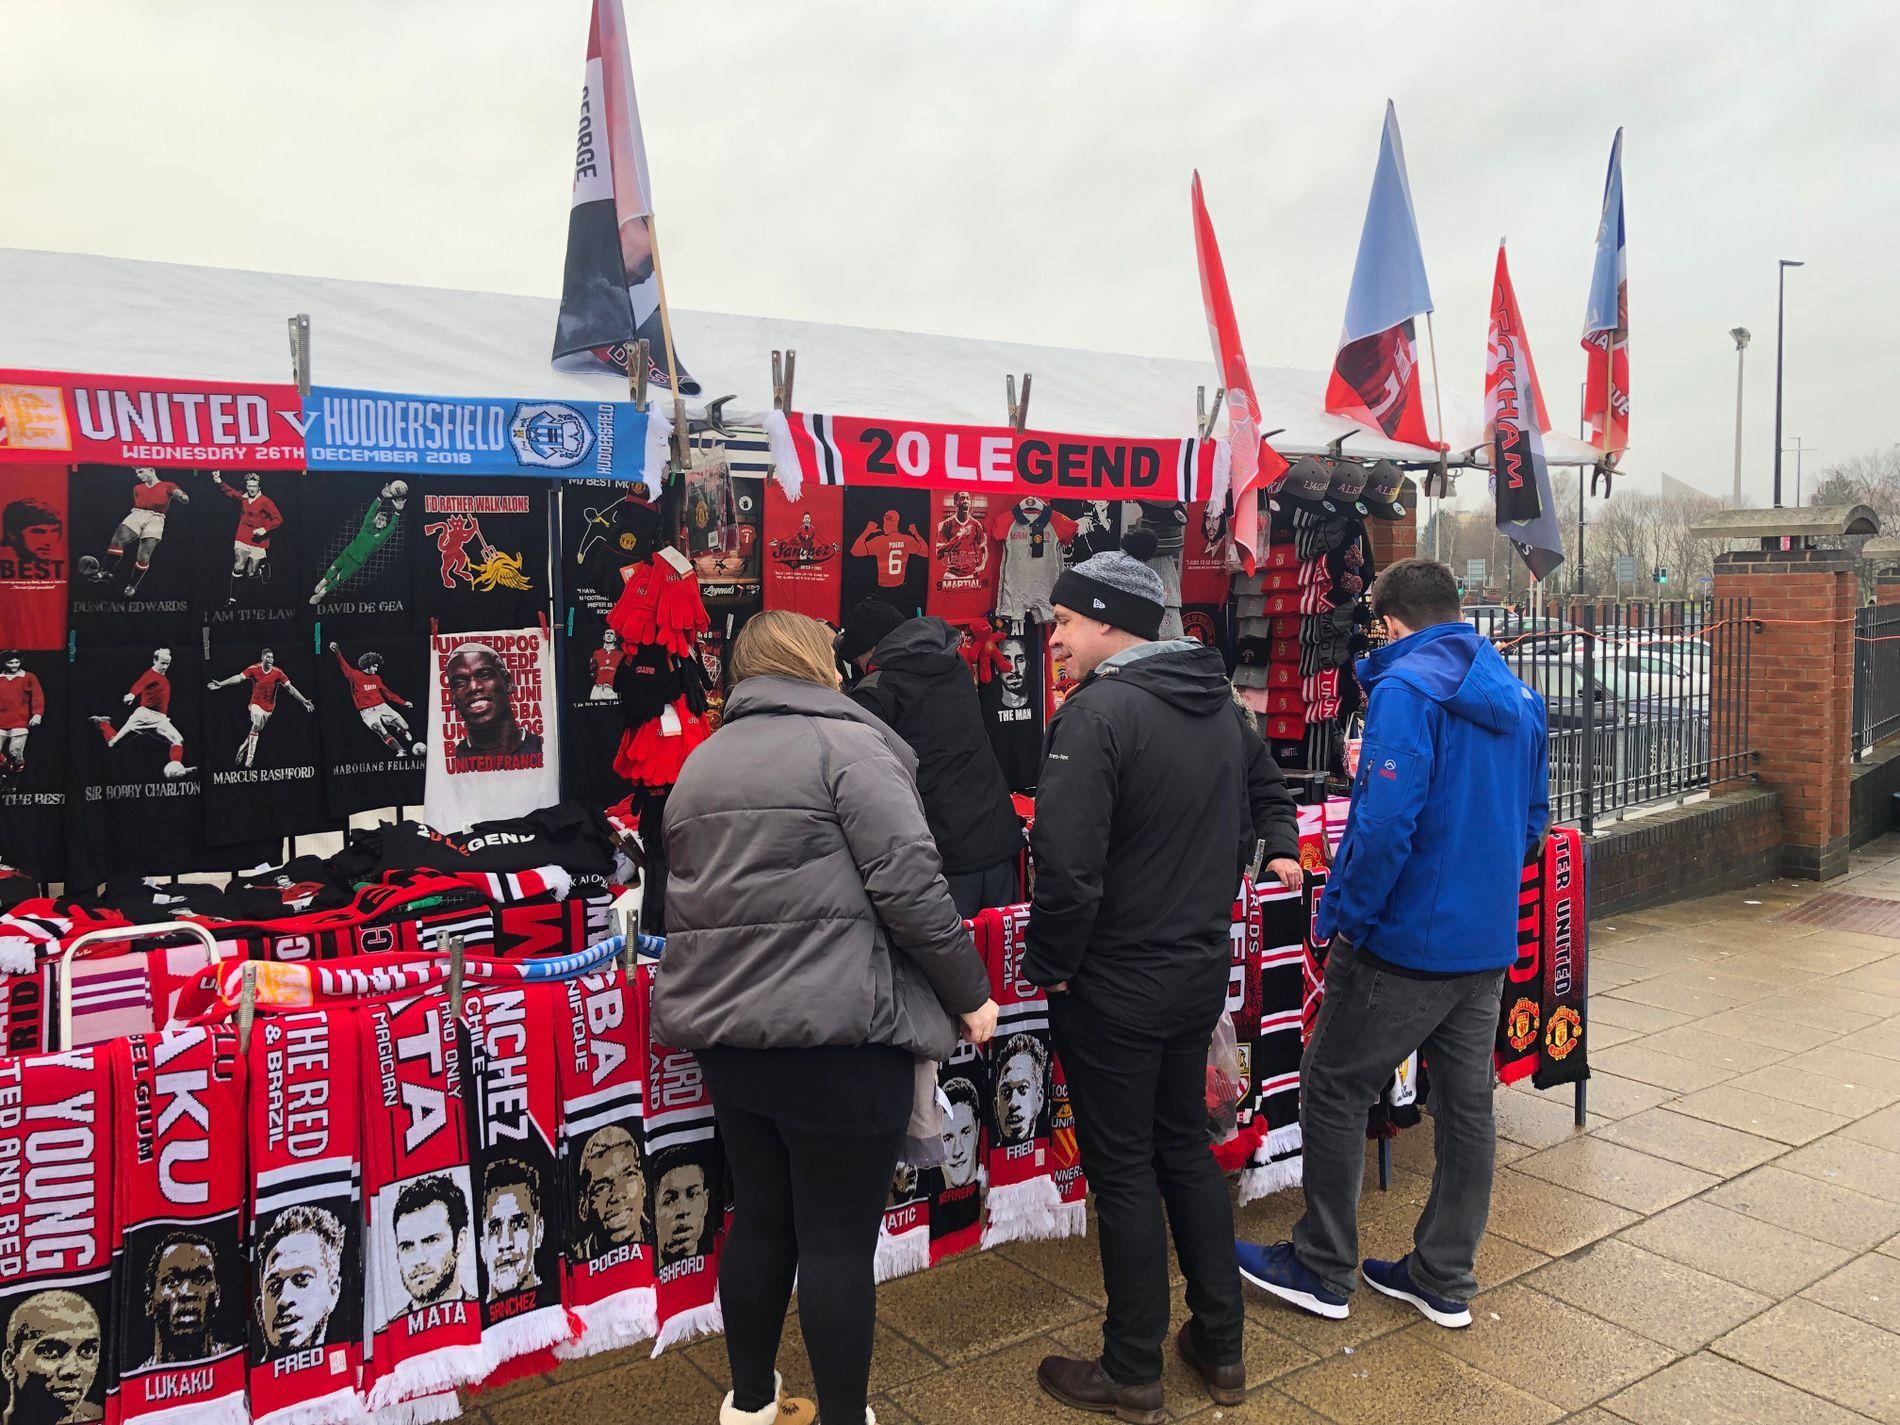 KAMPKLARE: Manchester United-supporterne er klare for Ole Gunnar Solskjærs manager-debut på Old Trafford i ettermiddag. Her utenfor stadion i dag.